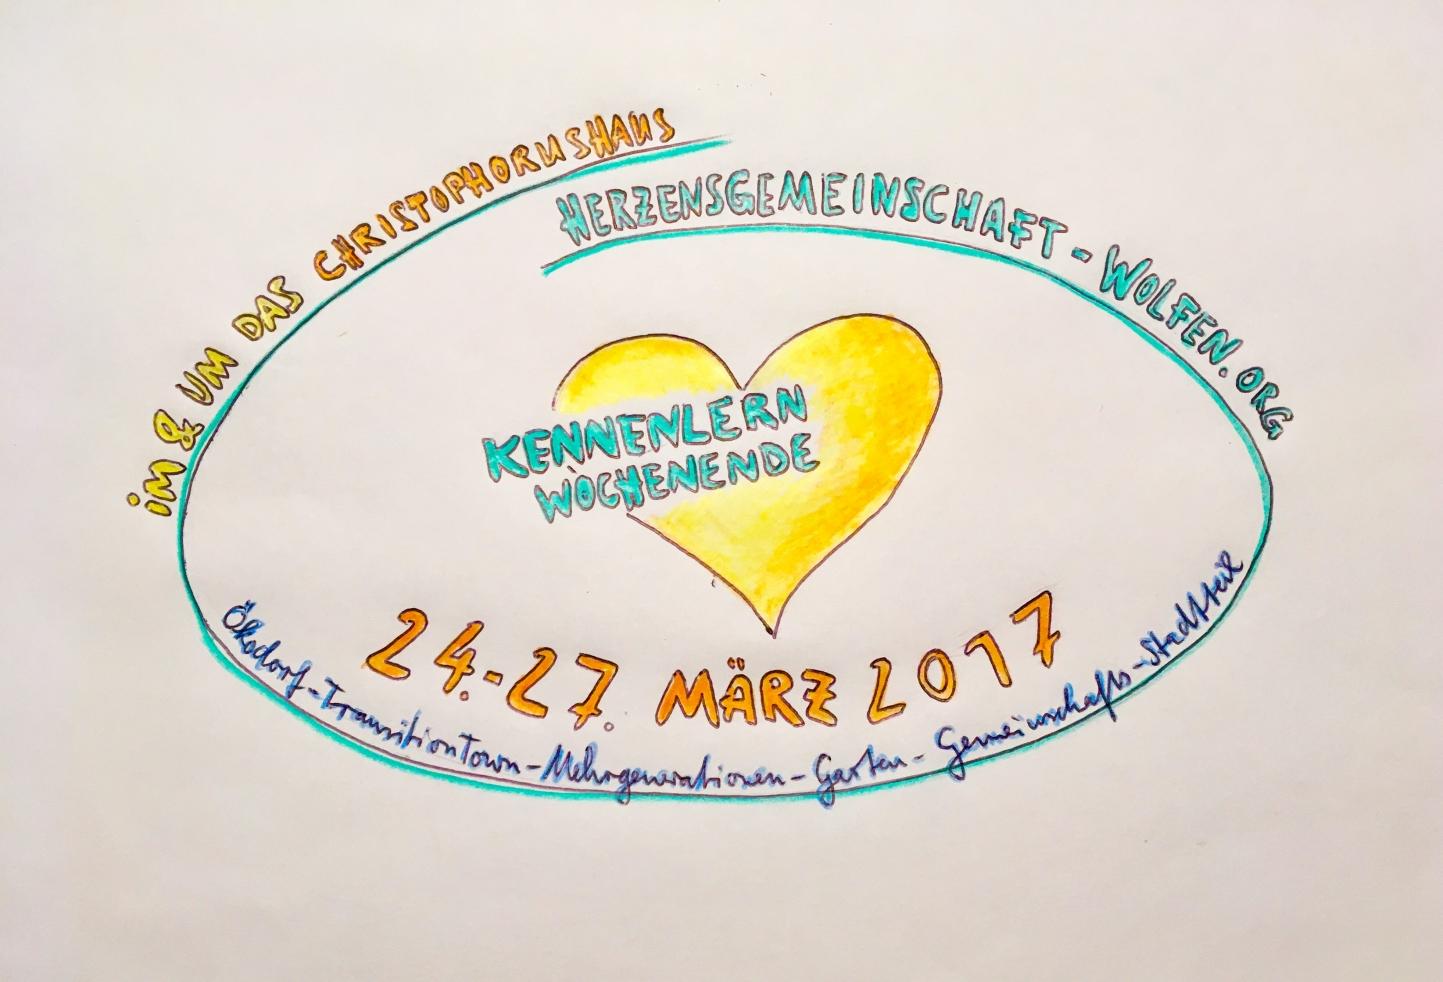 Kennlernwochenende Herzensgemeinschaft-Wolfen